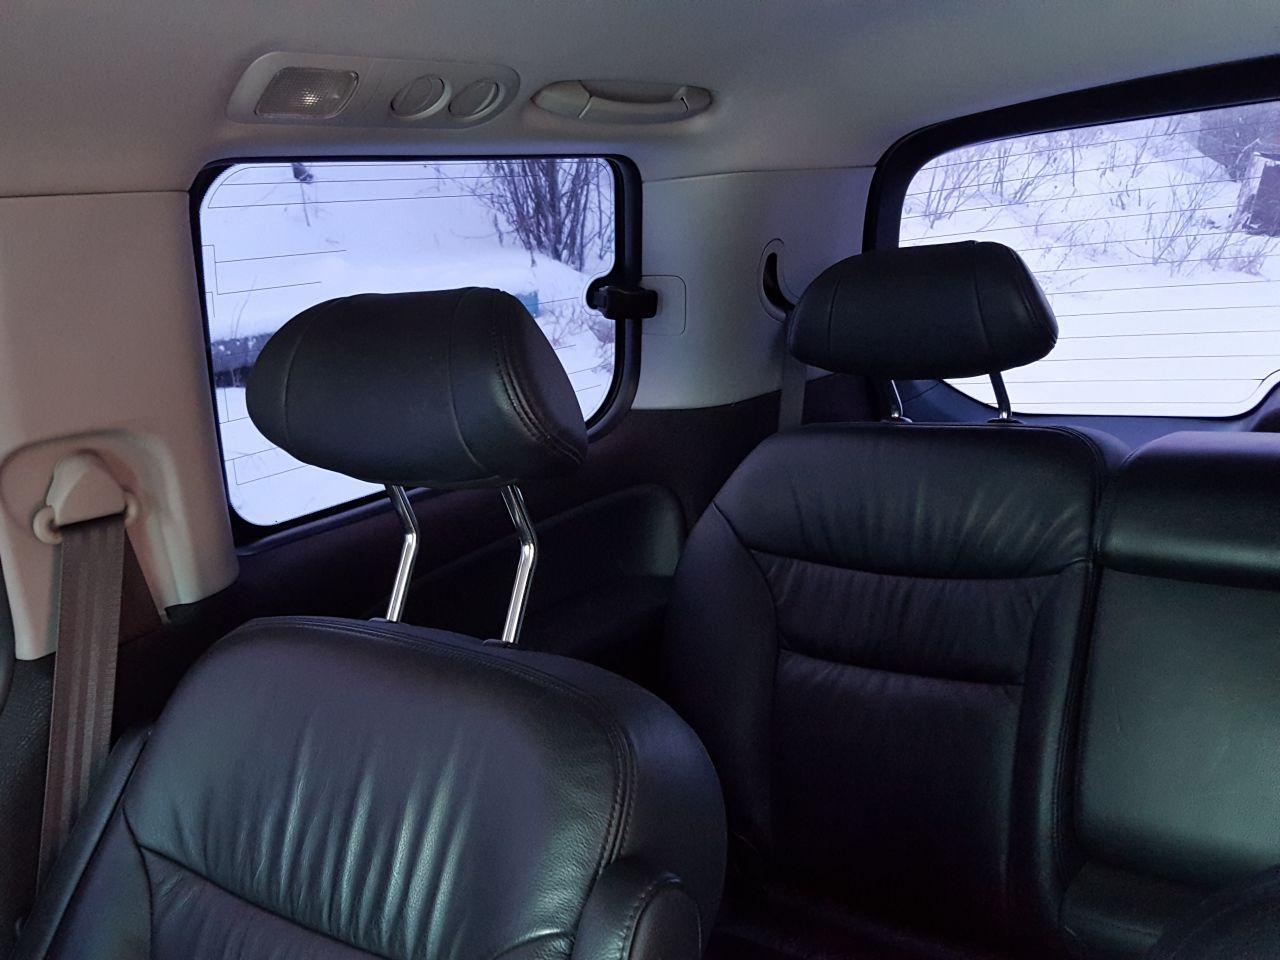 Honda Elysion 2011, Всем привет, бензиновый, коробка ...